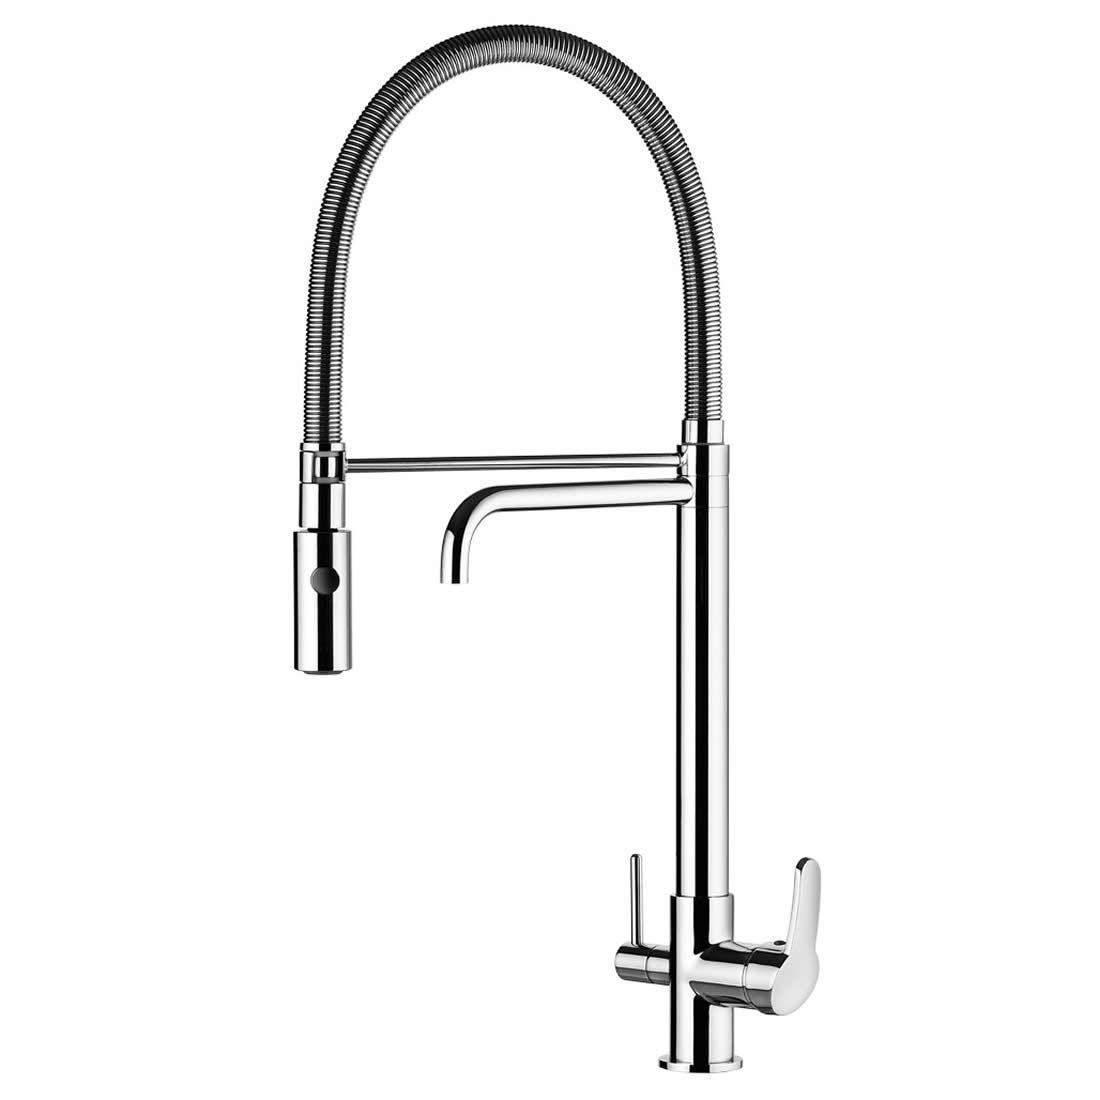 Torneira Misturador Monocomando Para Cozinha De Mesa Com Ducha Especial e Saída Para Água Filtrada Ref 2264 C76